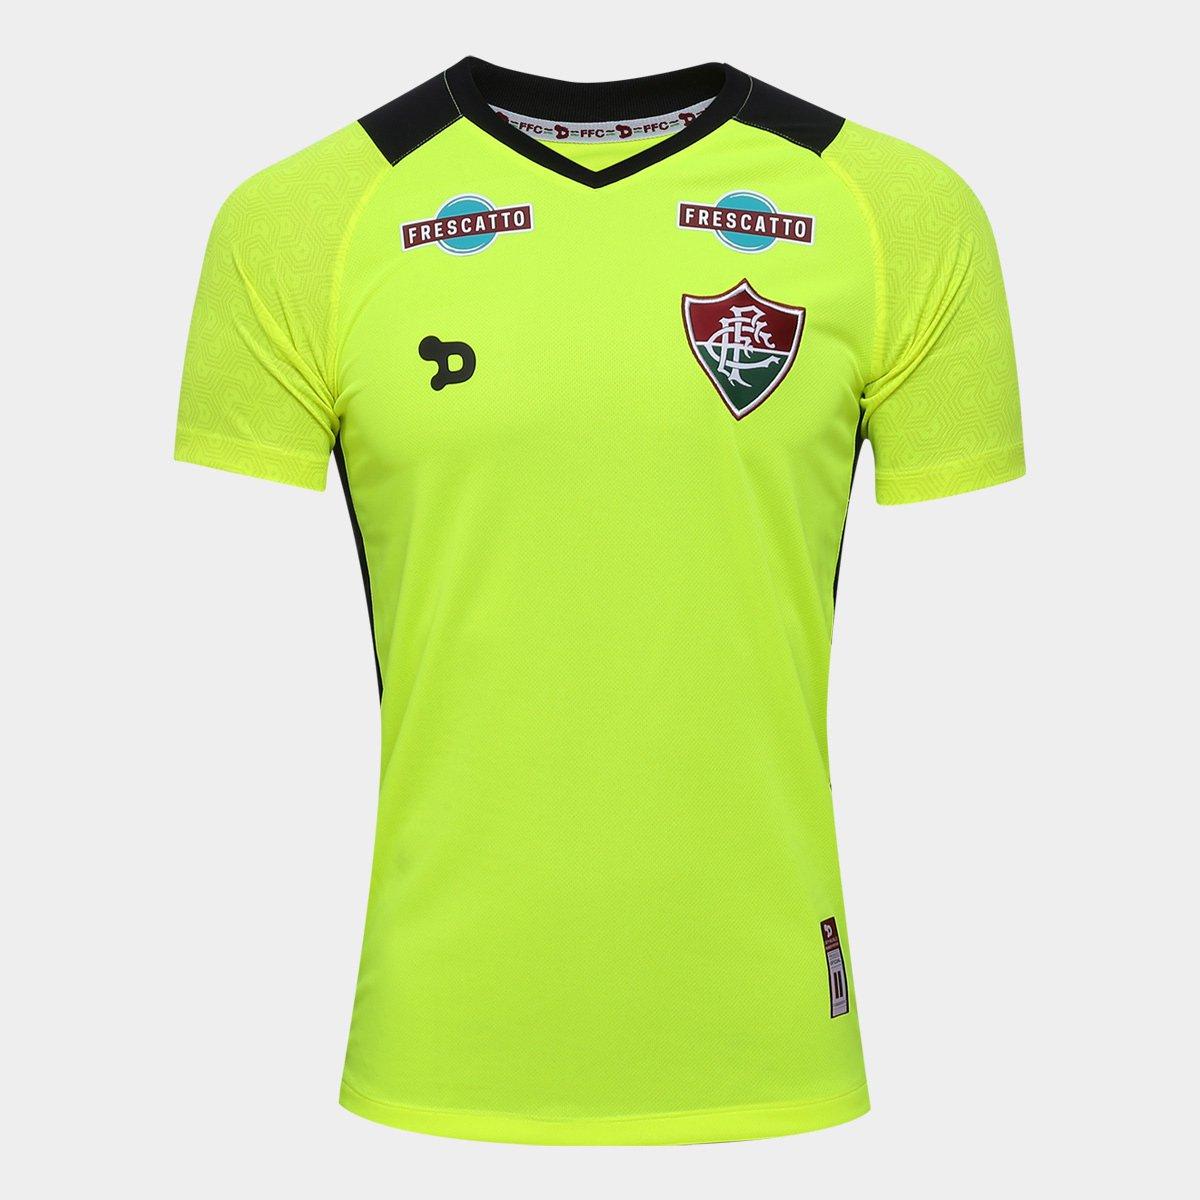 Camisa Fluminense Goleiro I 17 18 s nº Torcedor Dryworld Masculina - Compre  Agora  2565e3c8ede15